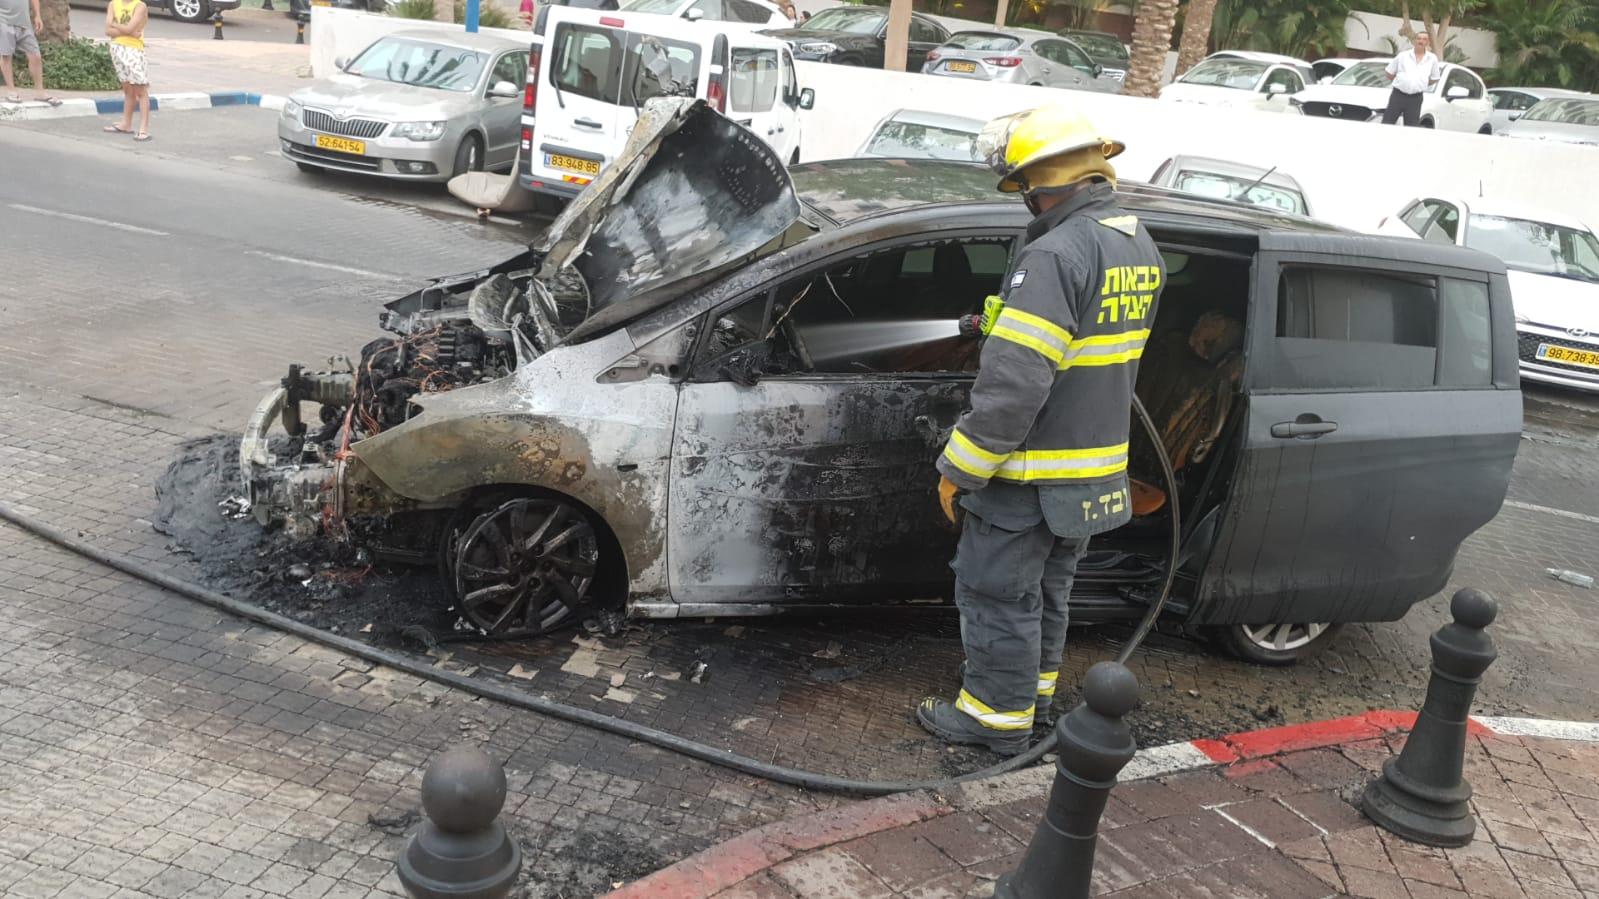 צפו: רכב נשרף בחזית מלון ריביירה באילת